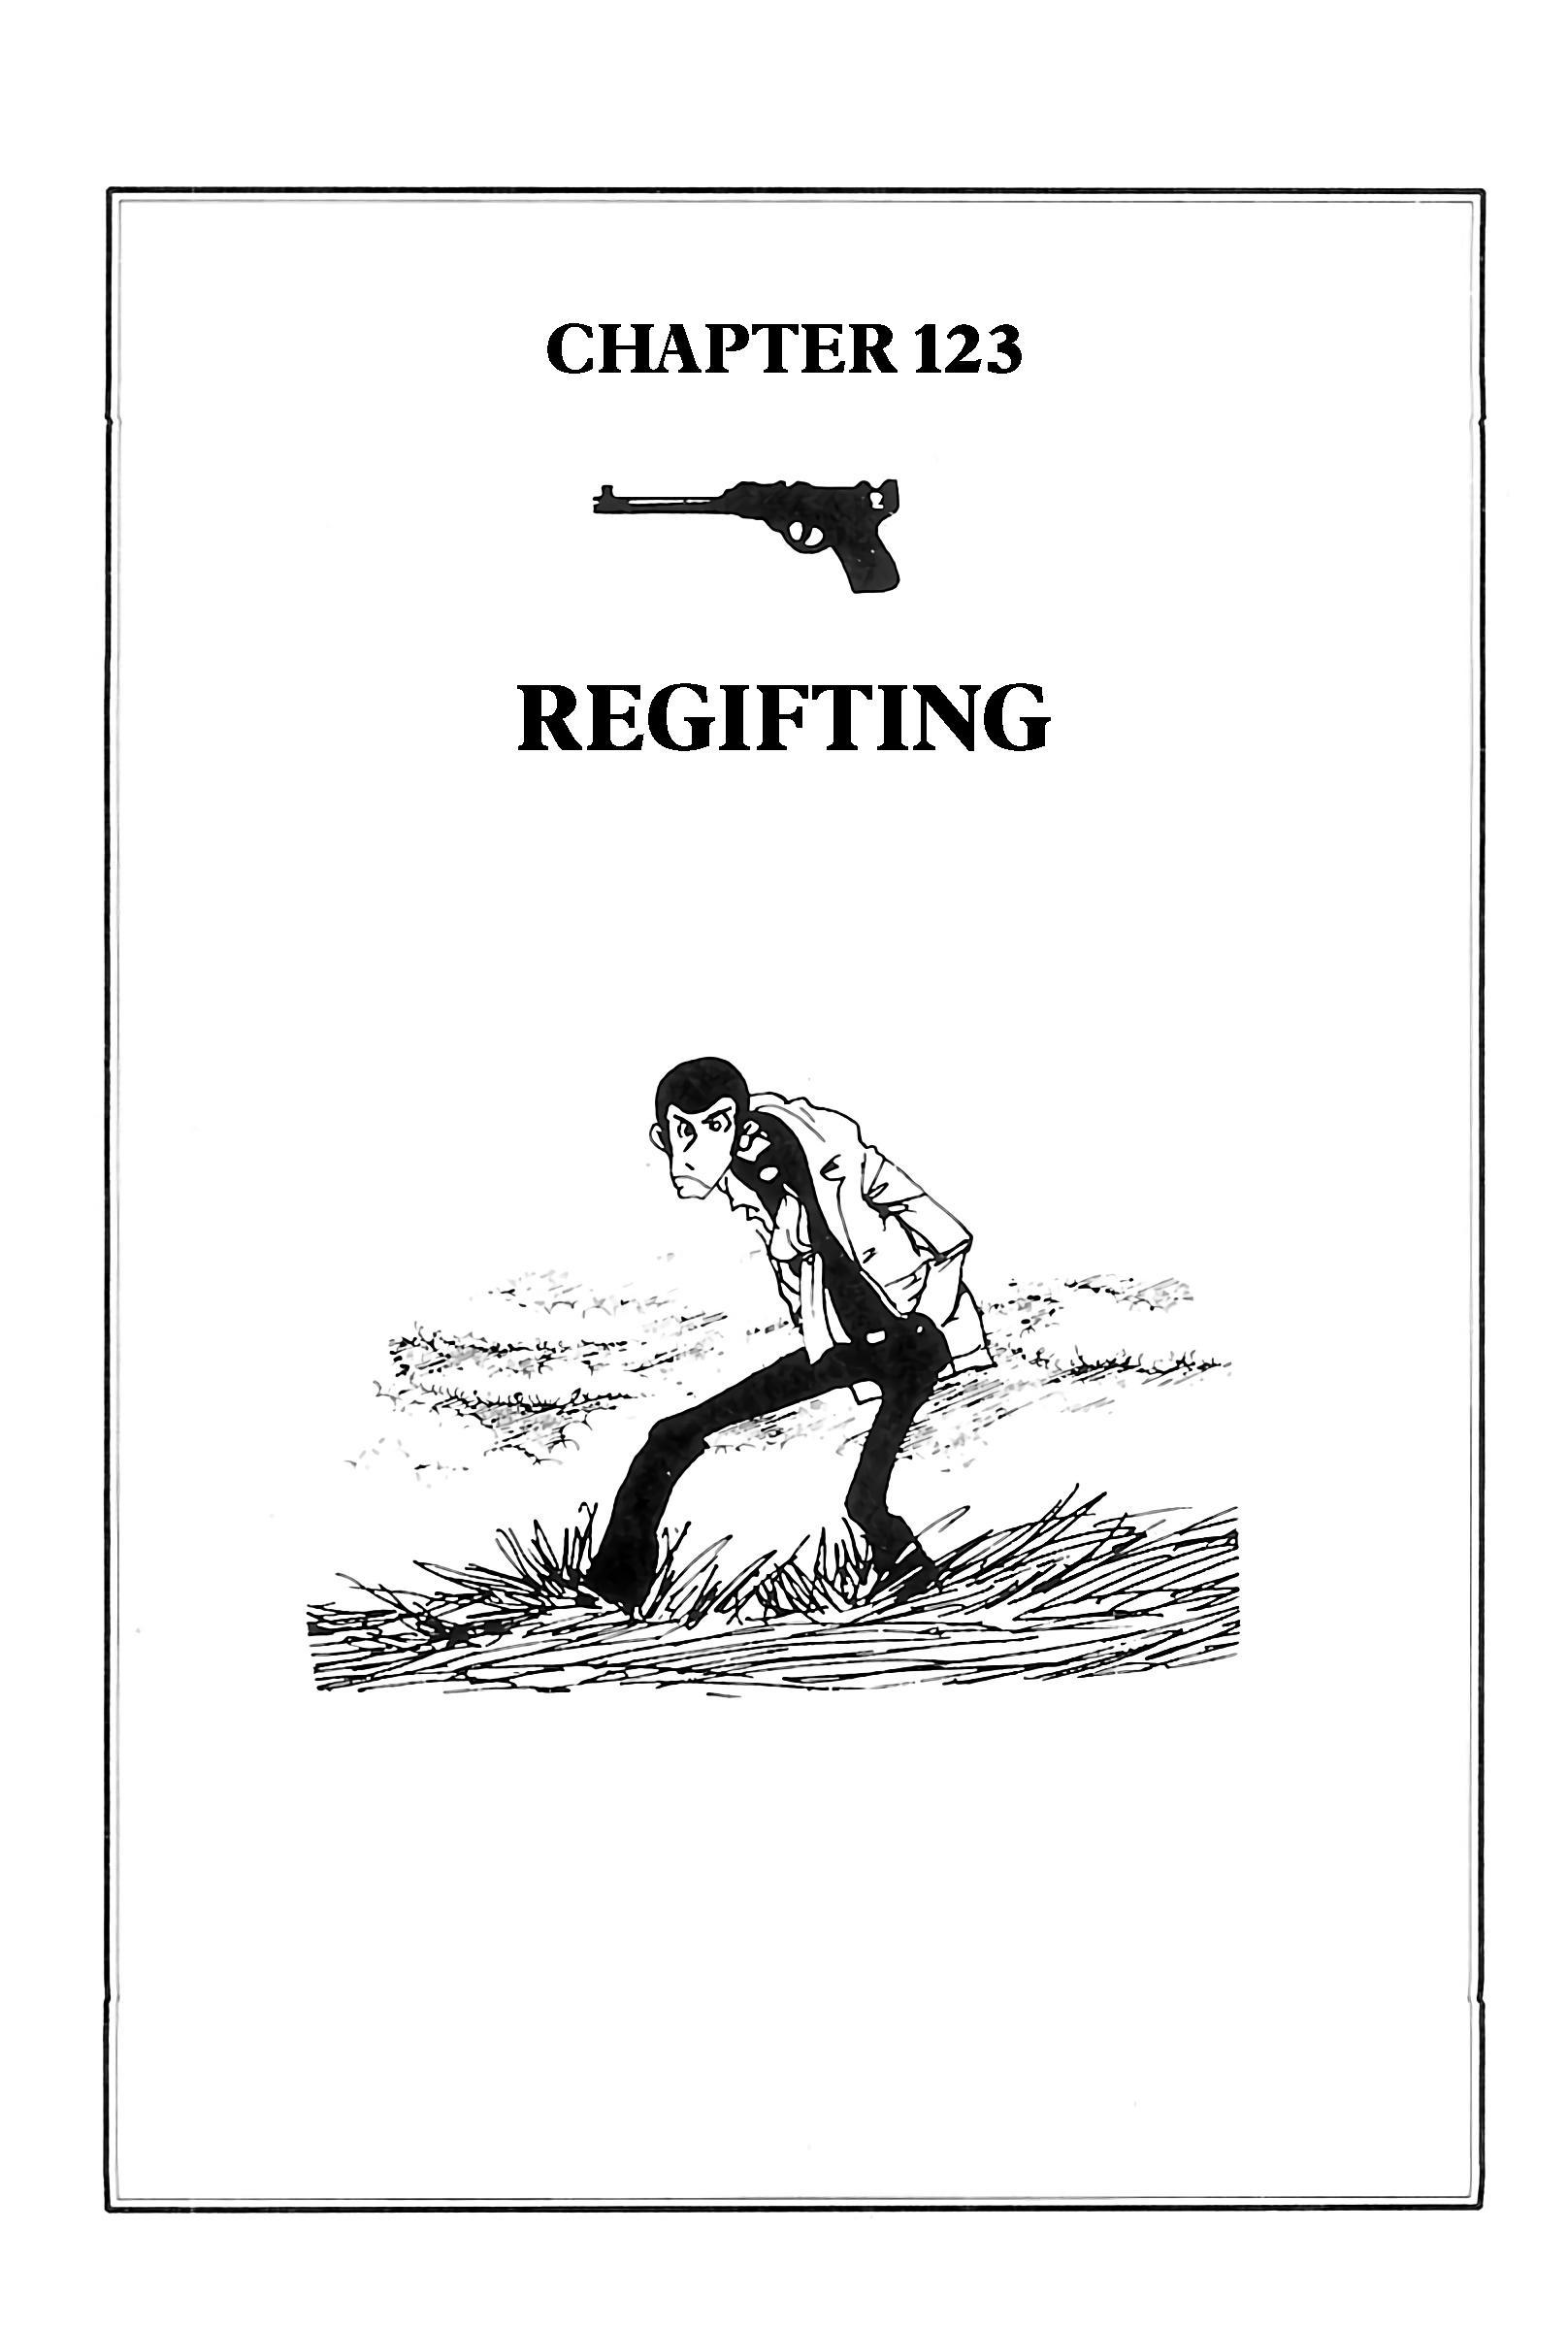 Lupin Iii: World'S Most Wanted Vol.11 Chapter 123: Regifting page 1 - Mangakakalots.com